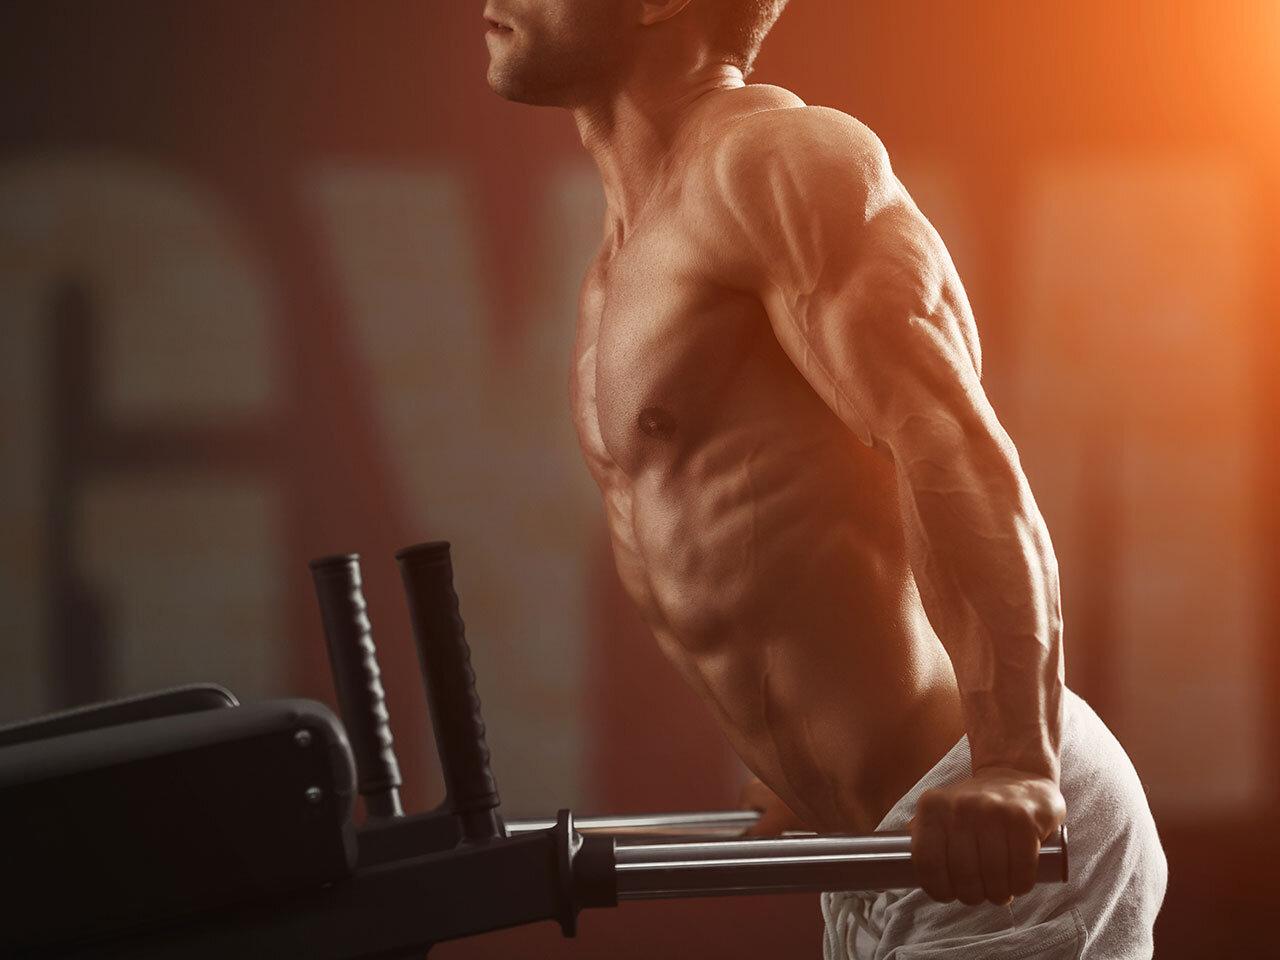 Vücut Geliştirme İle Fitness Antrenmanlarının Farkları